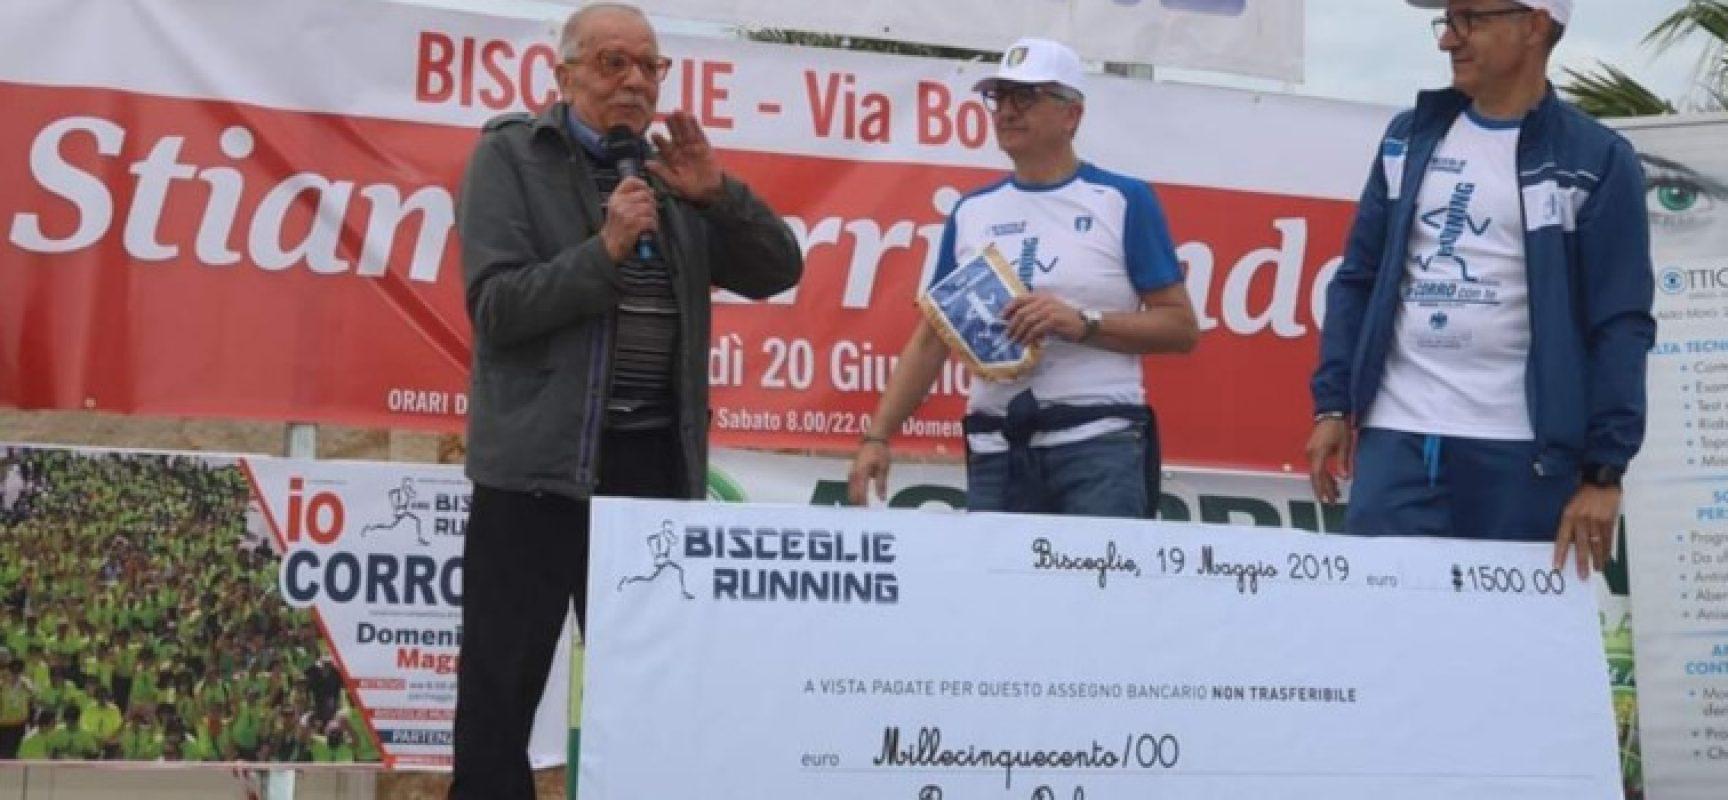 Bisceglie Running dona un laboratorio artistico all'Associazione Pegaso